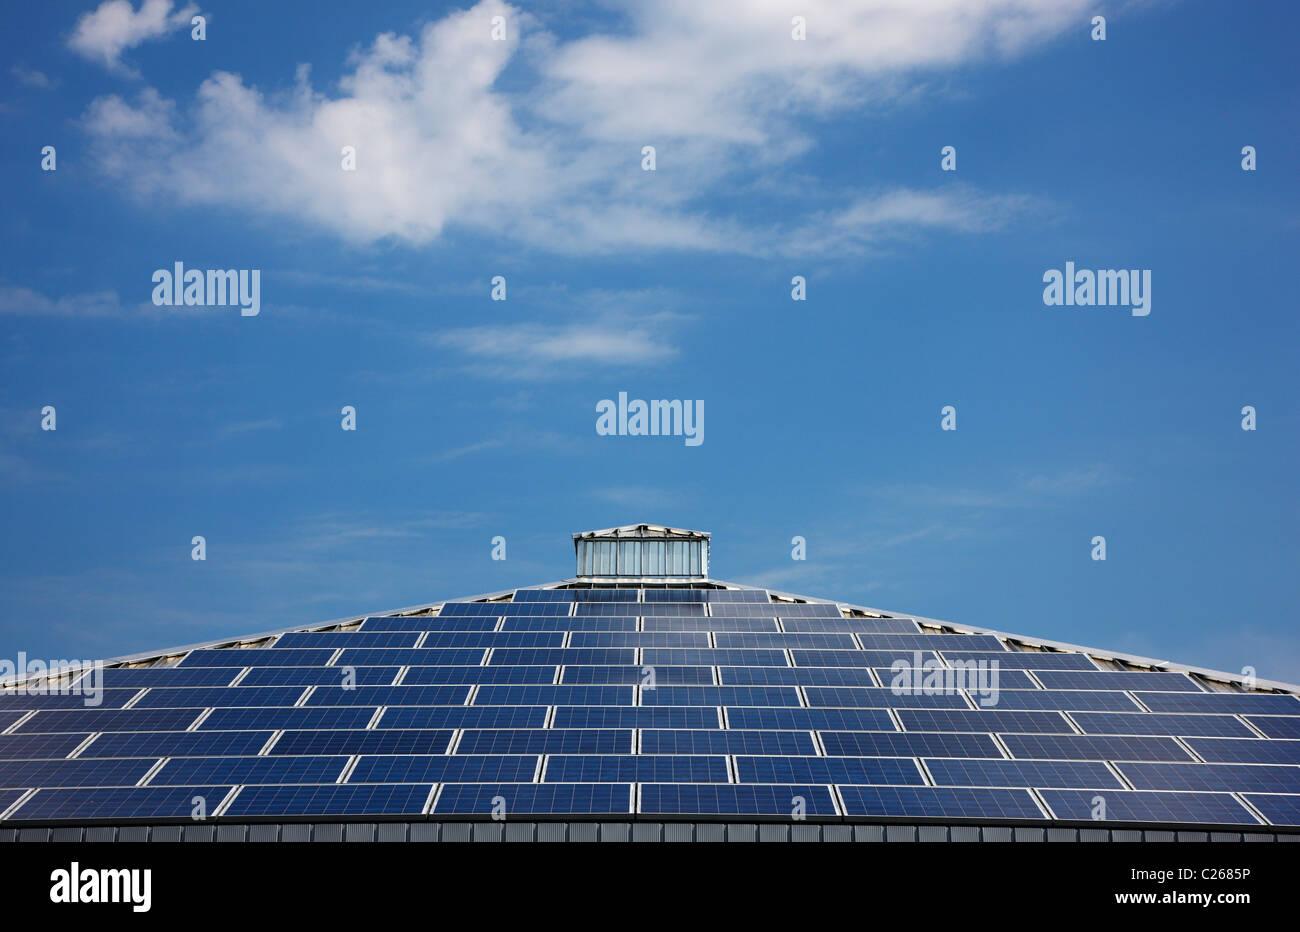 Tetto di un edificio con pannelli fotovoltaici. Cielo blu, piramide design. Germania. Immagini Stock